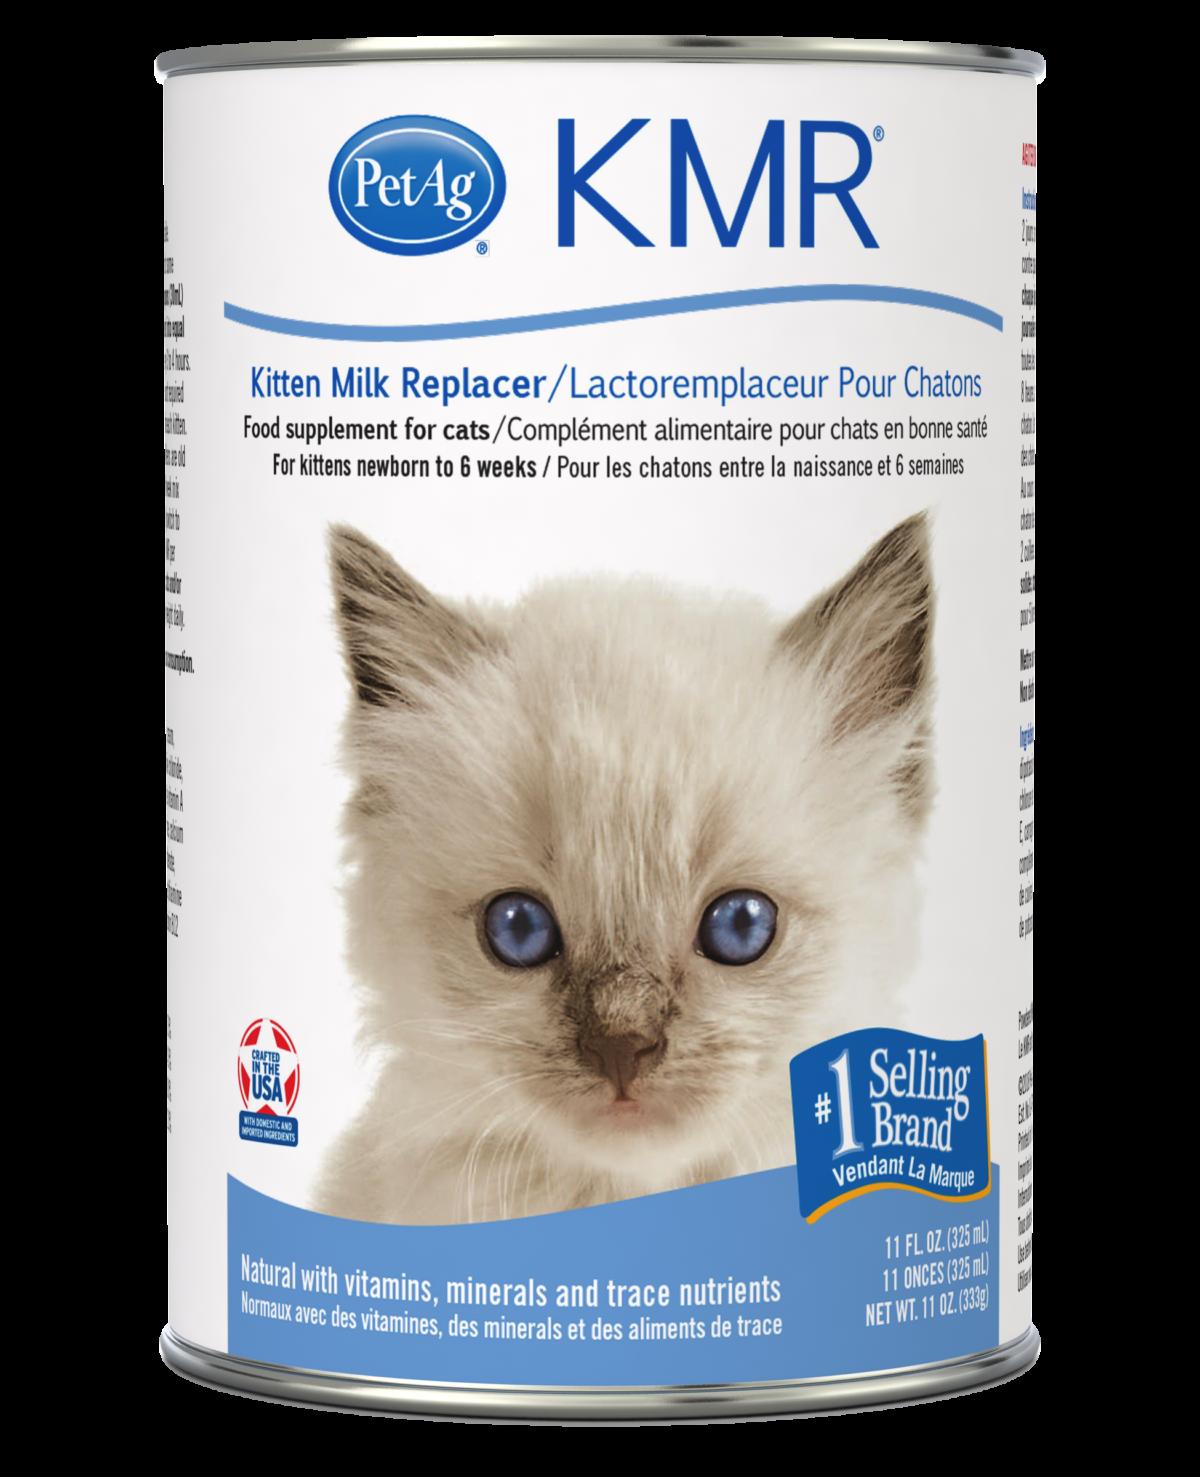 Kmr Kitten Milk Replacer Liquid Petag En Us